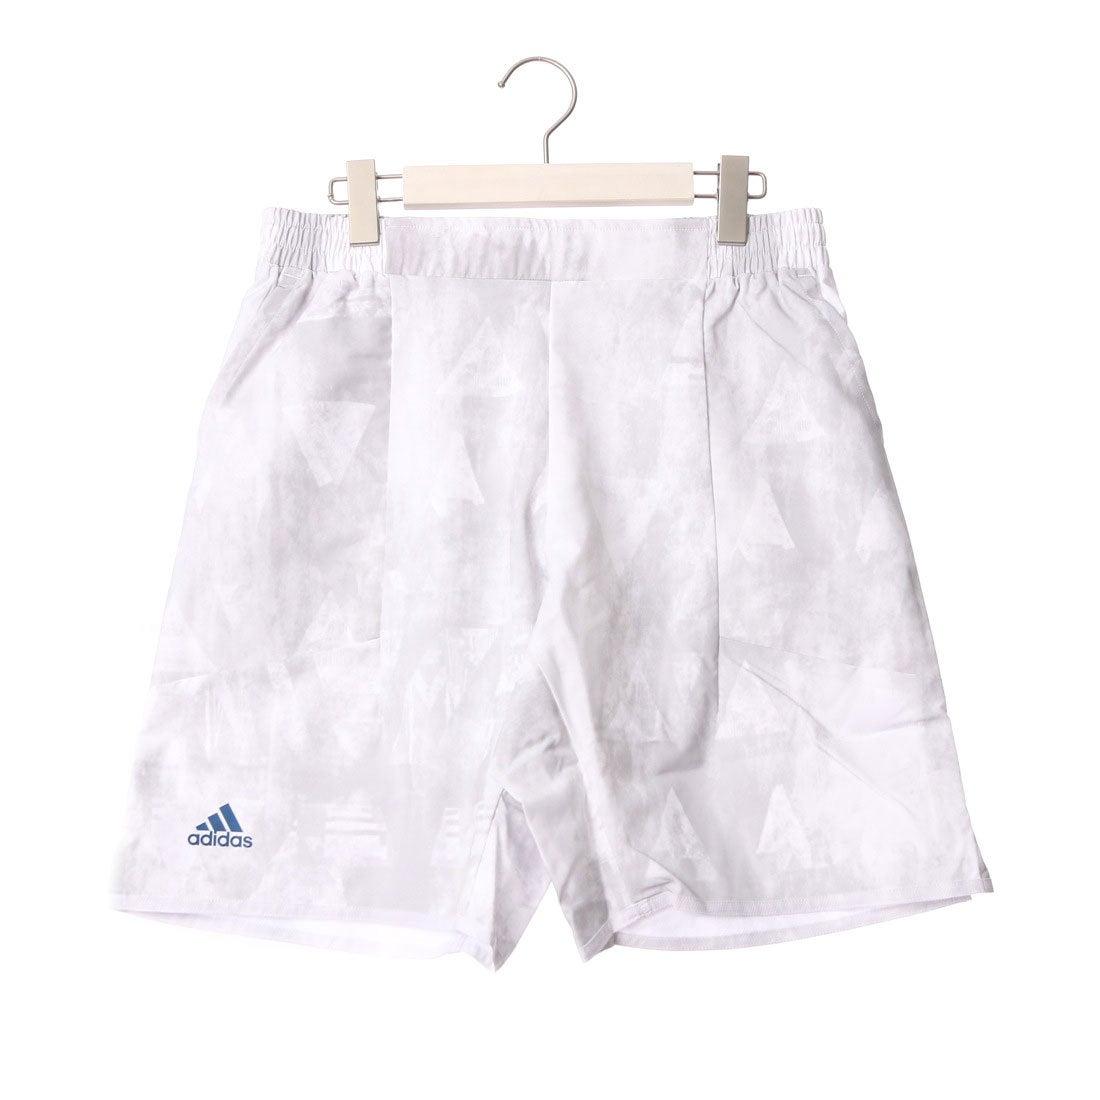 805066adbae19 アディダス adidas メンズ テニス ハーフパンツ MENS CLUB ソウガラ ウーブンショーツ S98934 -レディースファッション通販  ロコンドガールズコレクション (ロココレ)